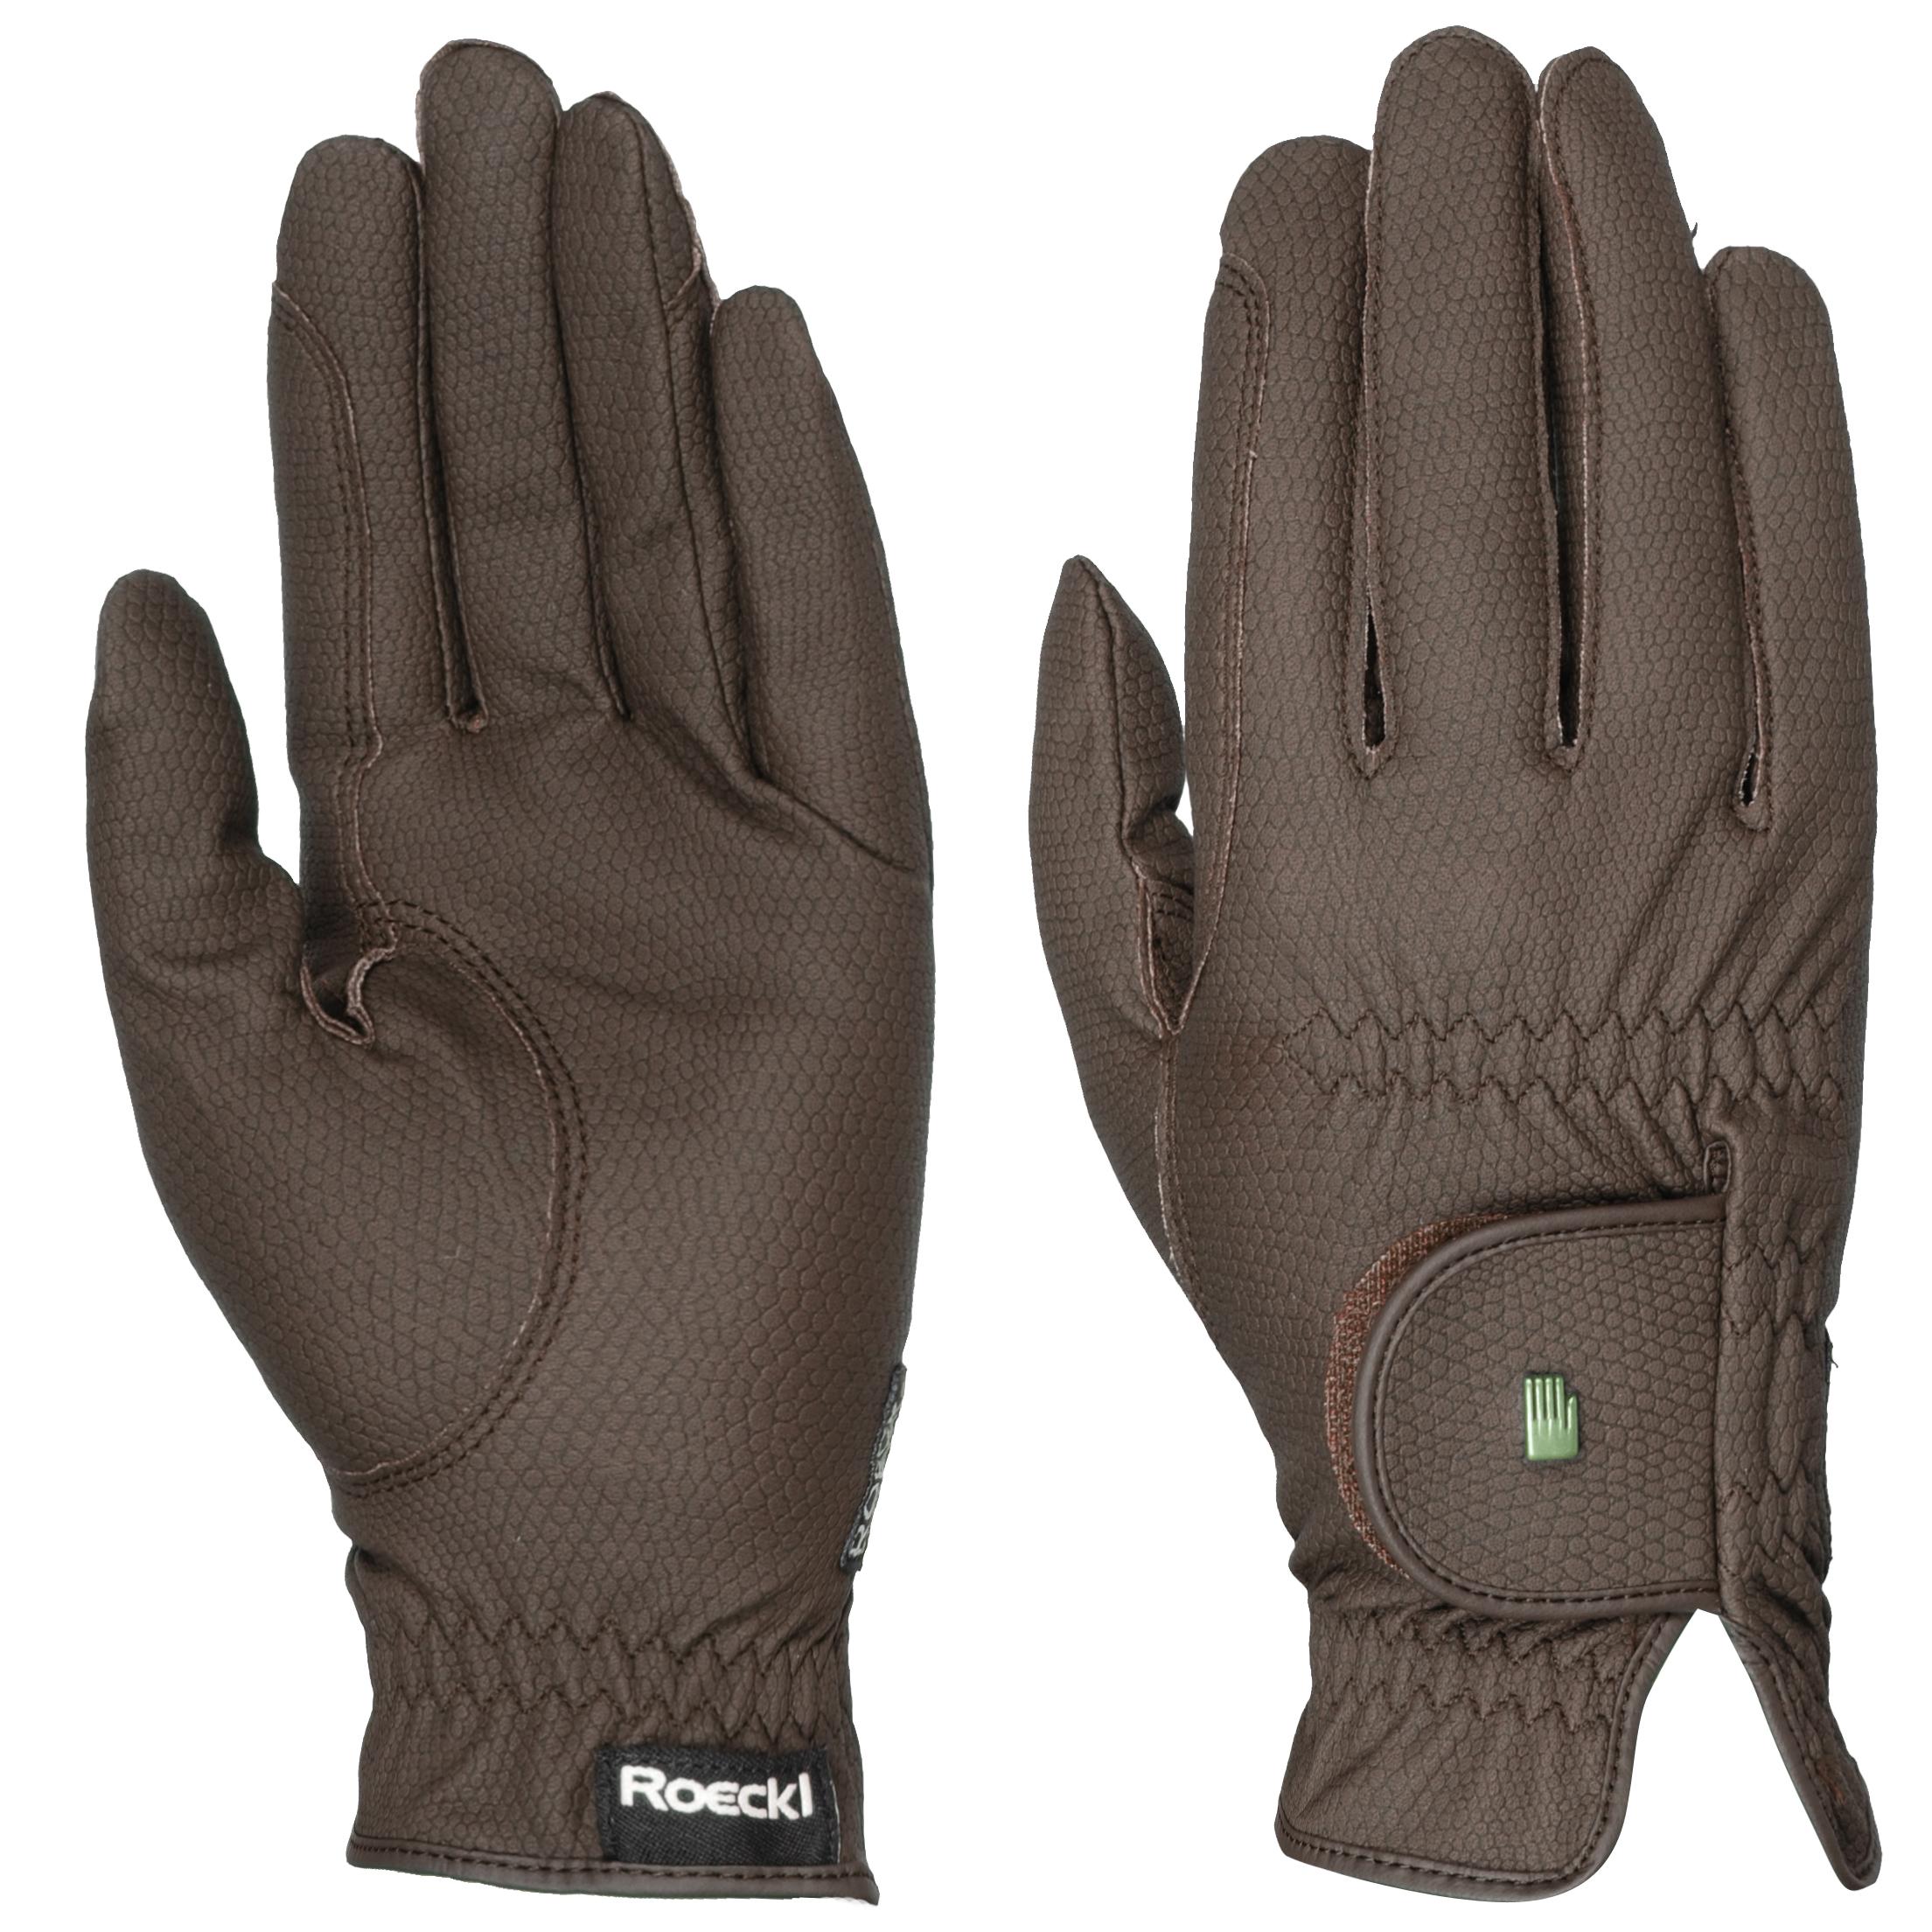 Roeckl Roeck grip Handschoen bruin maat:8